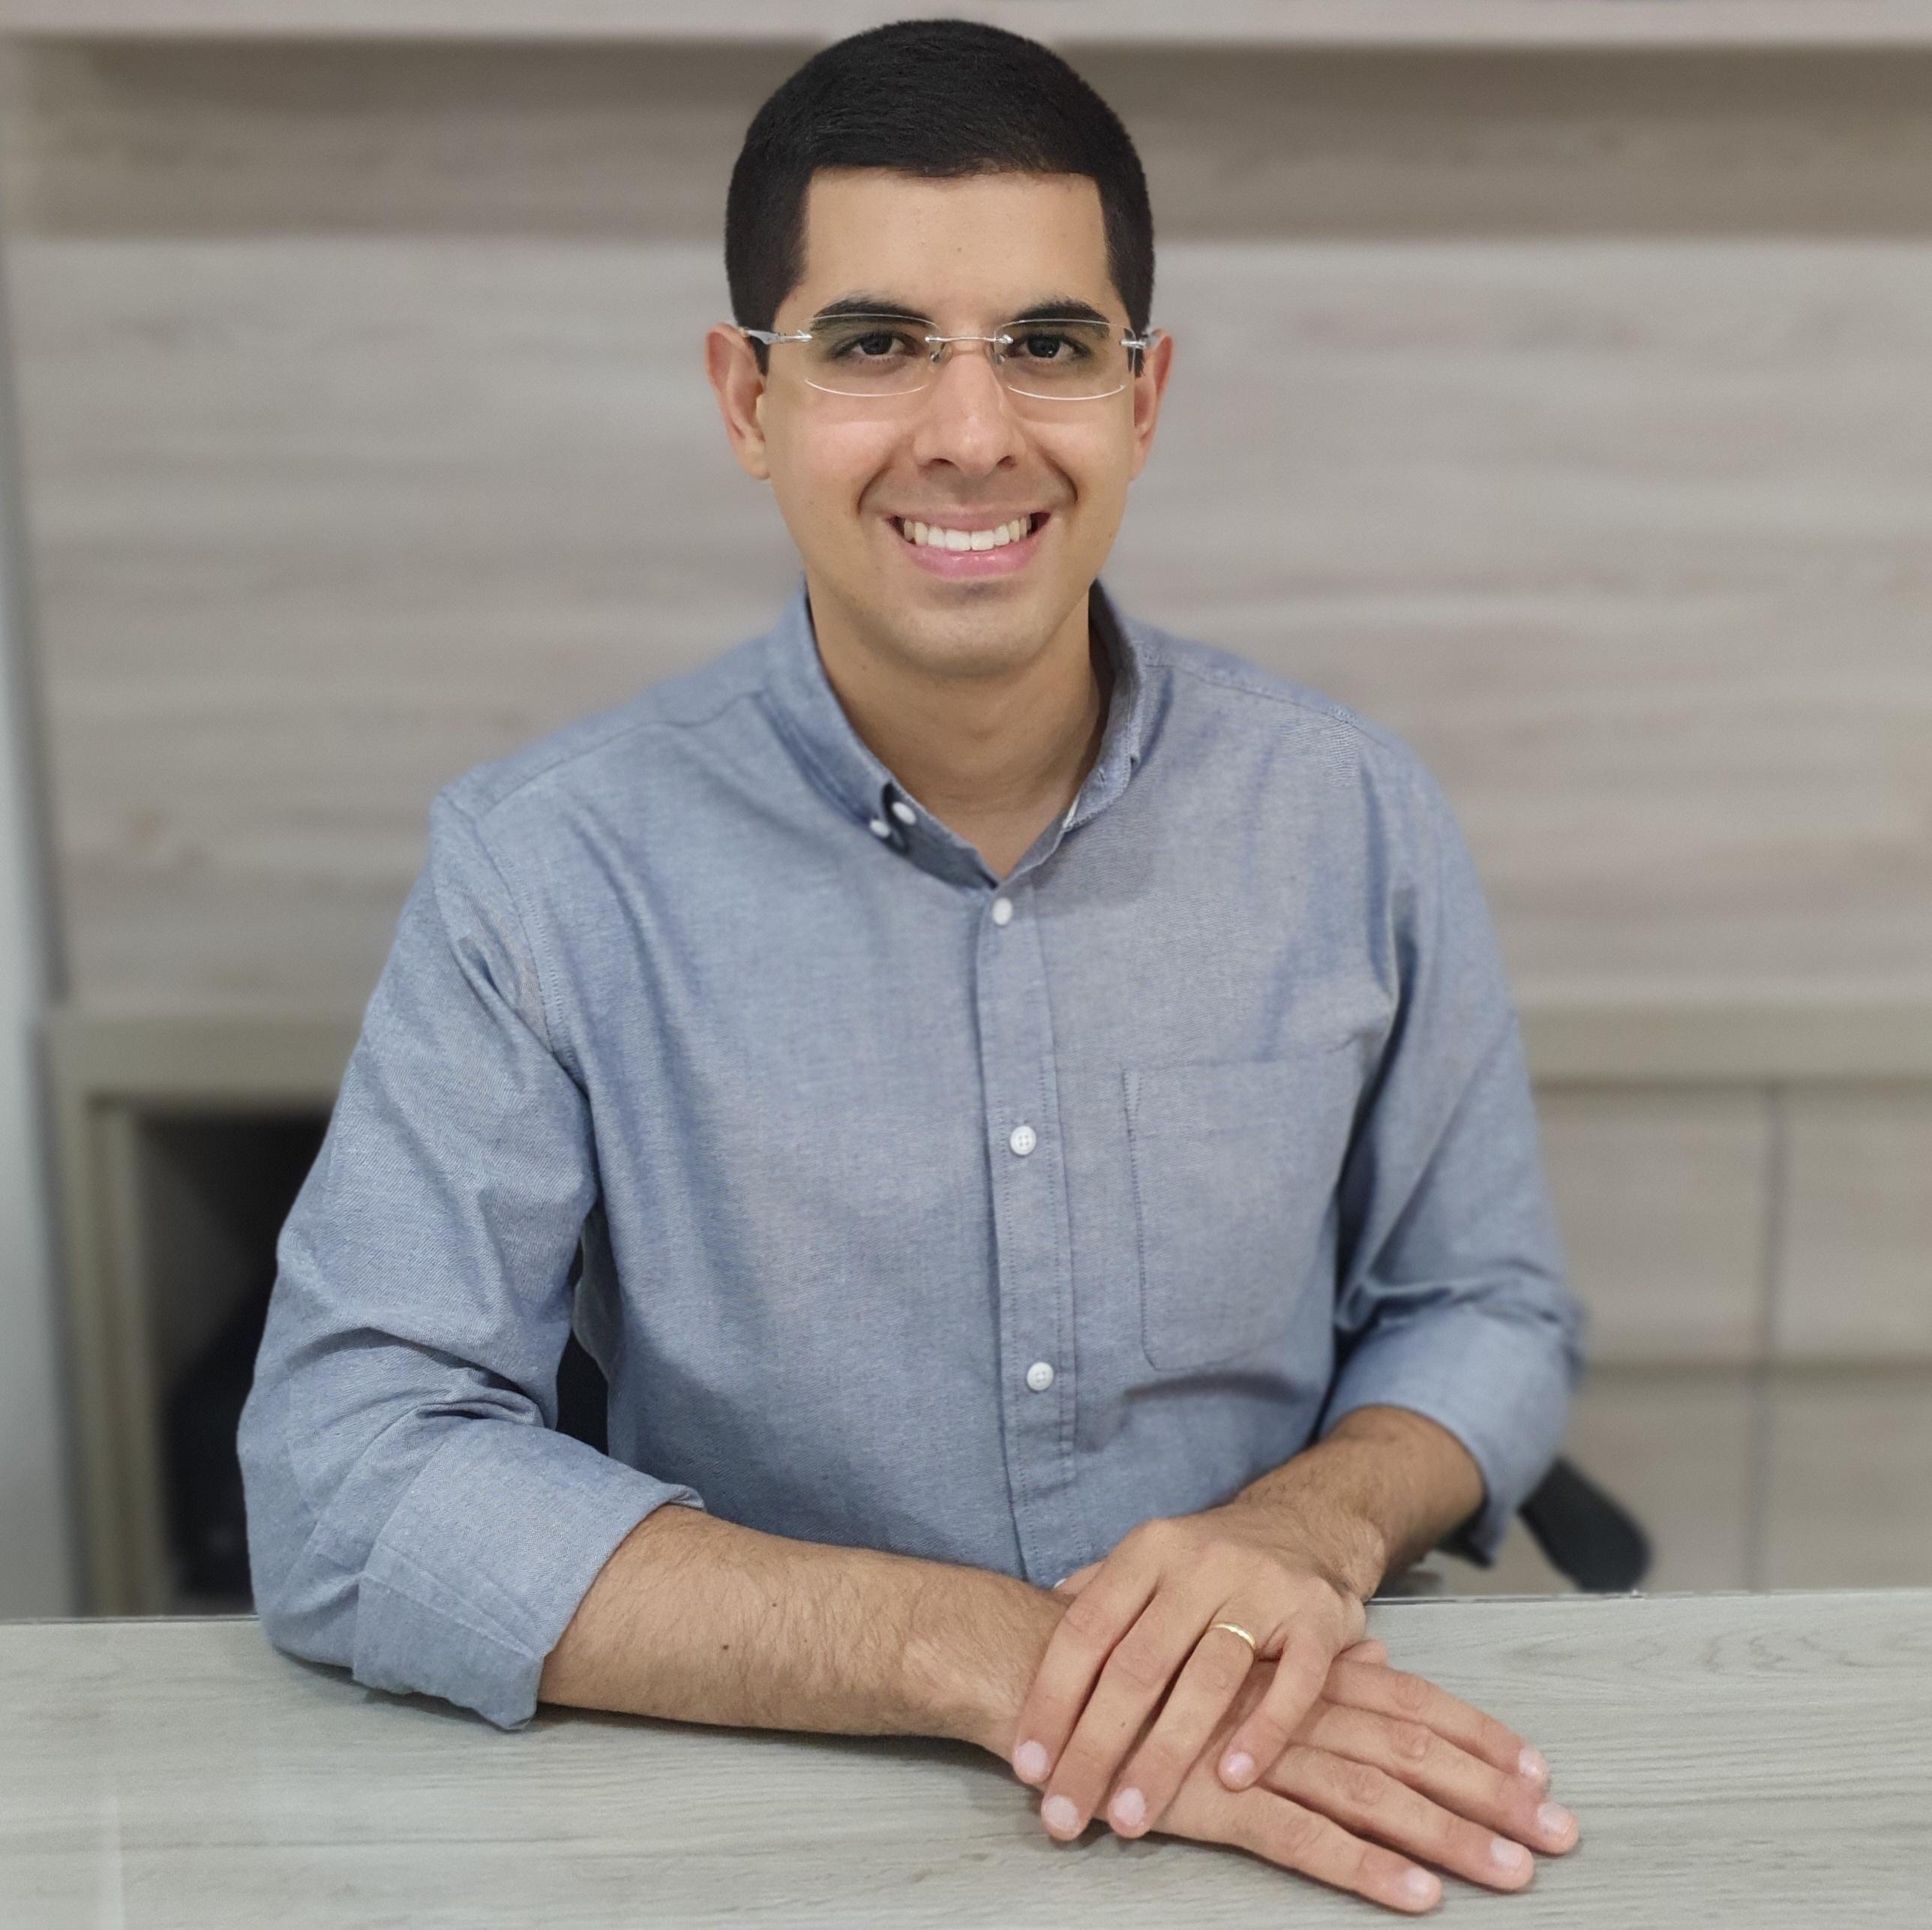 Lucas Fortaleza de Aquino Ferreira